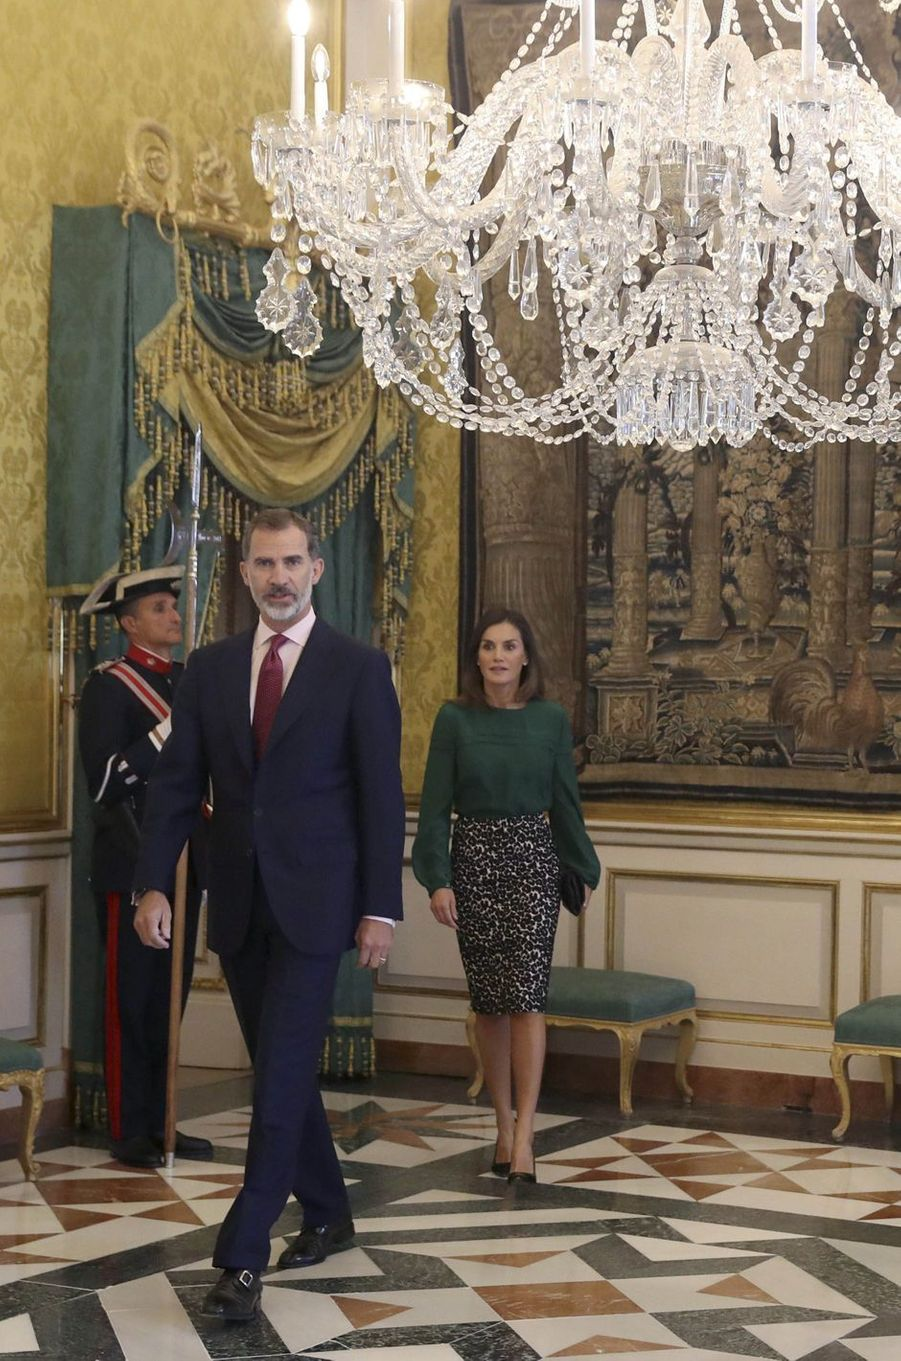 La reine Letizia, en vert et imprimé léopard noir et blanc, et le roi Felipe VI d'Espagne à Aranjuez, le 8 octobre 2018